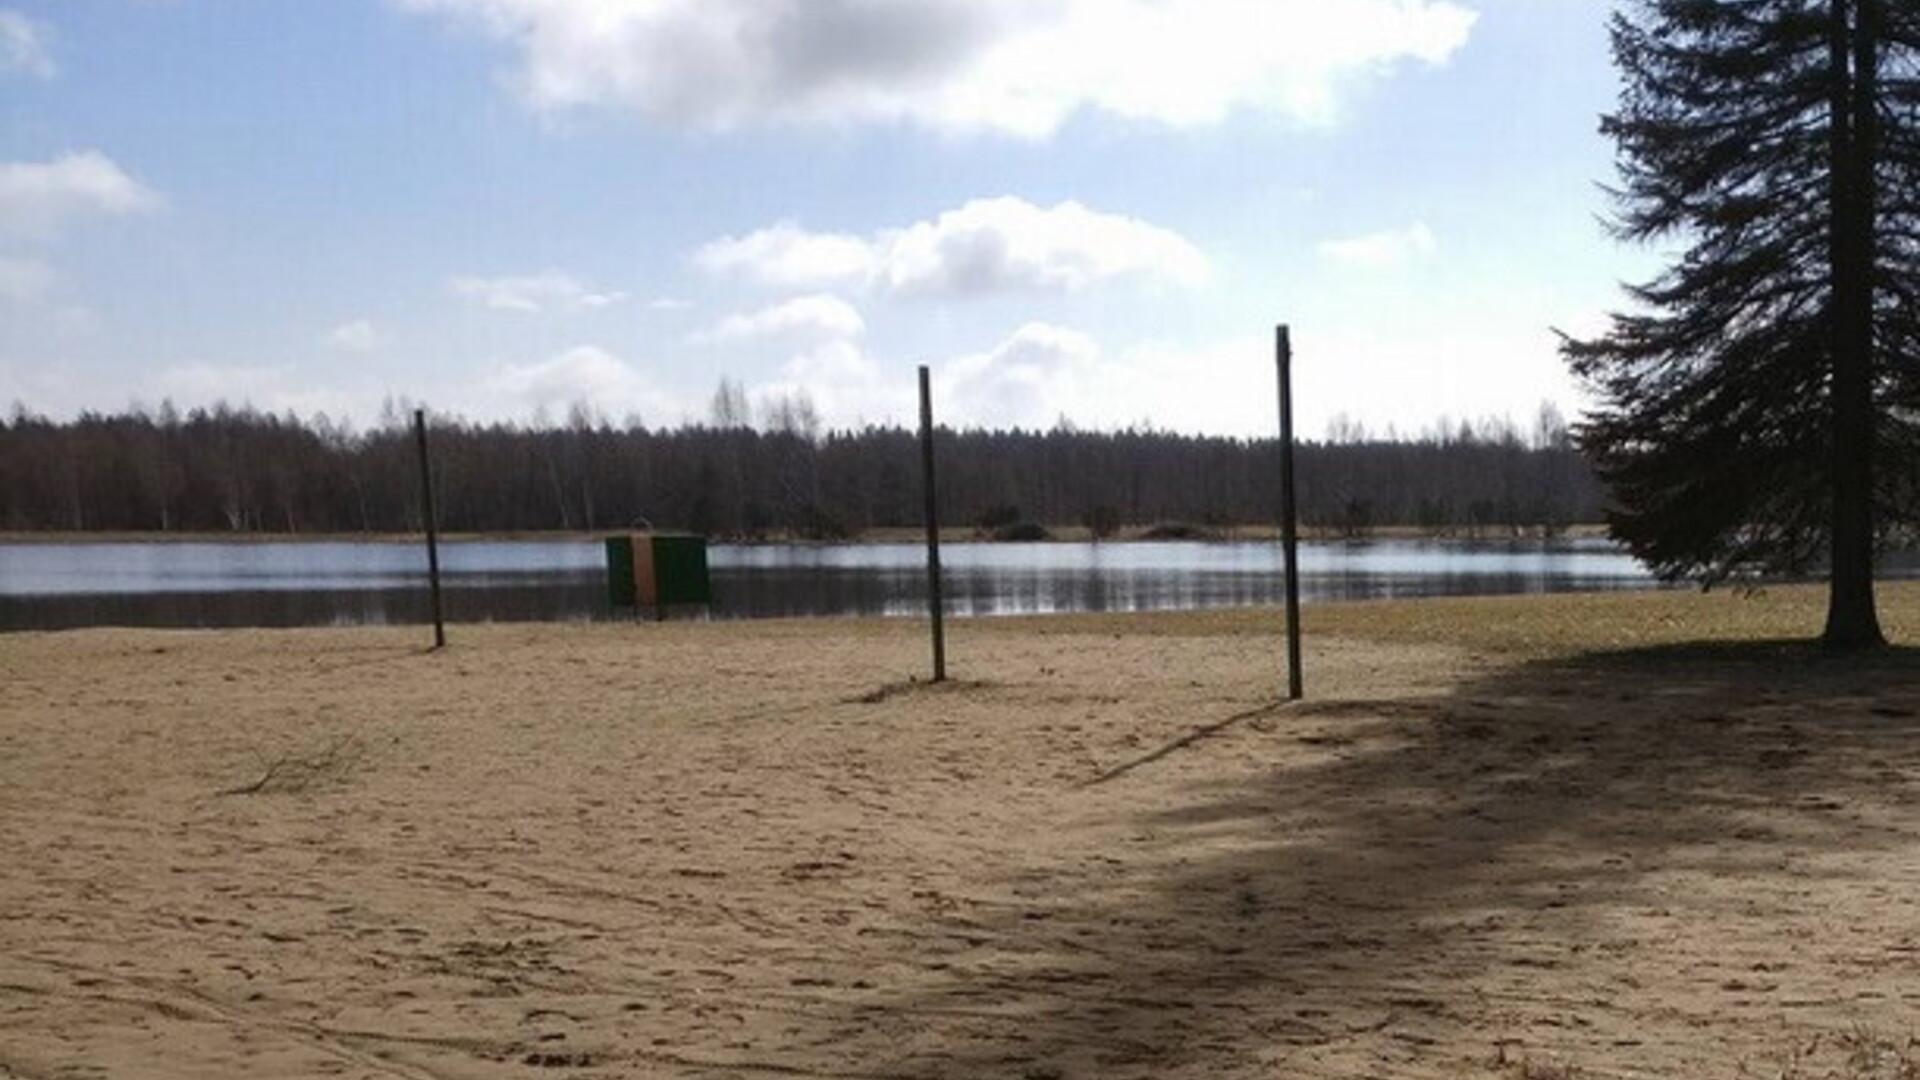 8399c012c15 Türi järve rannas sai viga pea ees madalasse vette hüpanud poiss | Eesti |  ERR